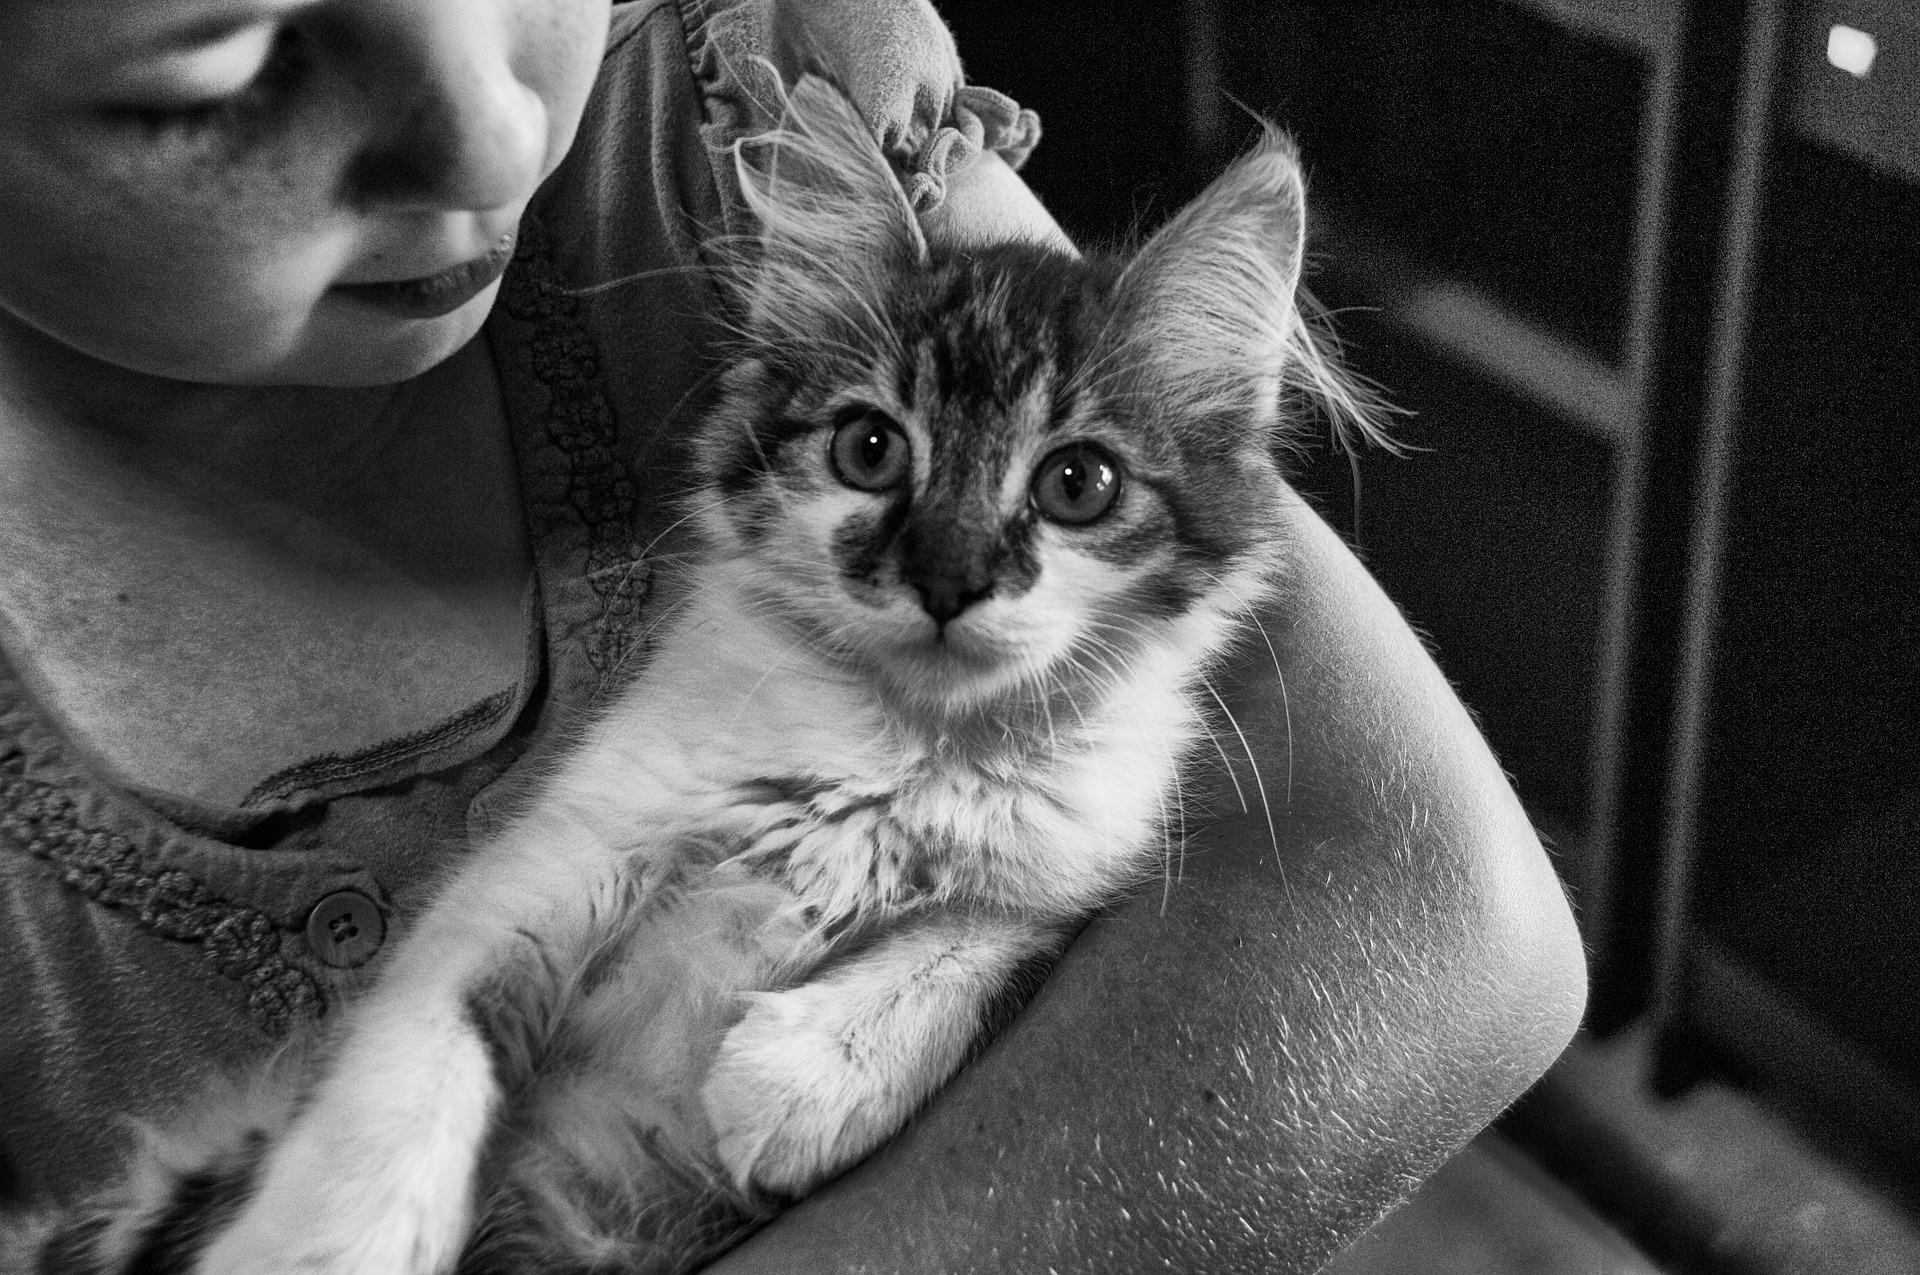 Not all cats appreciate snuggles